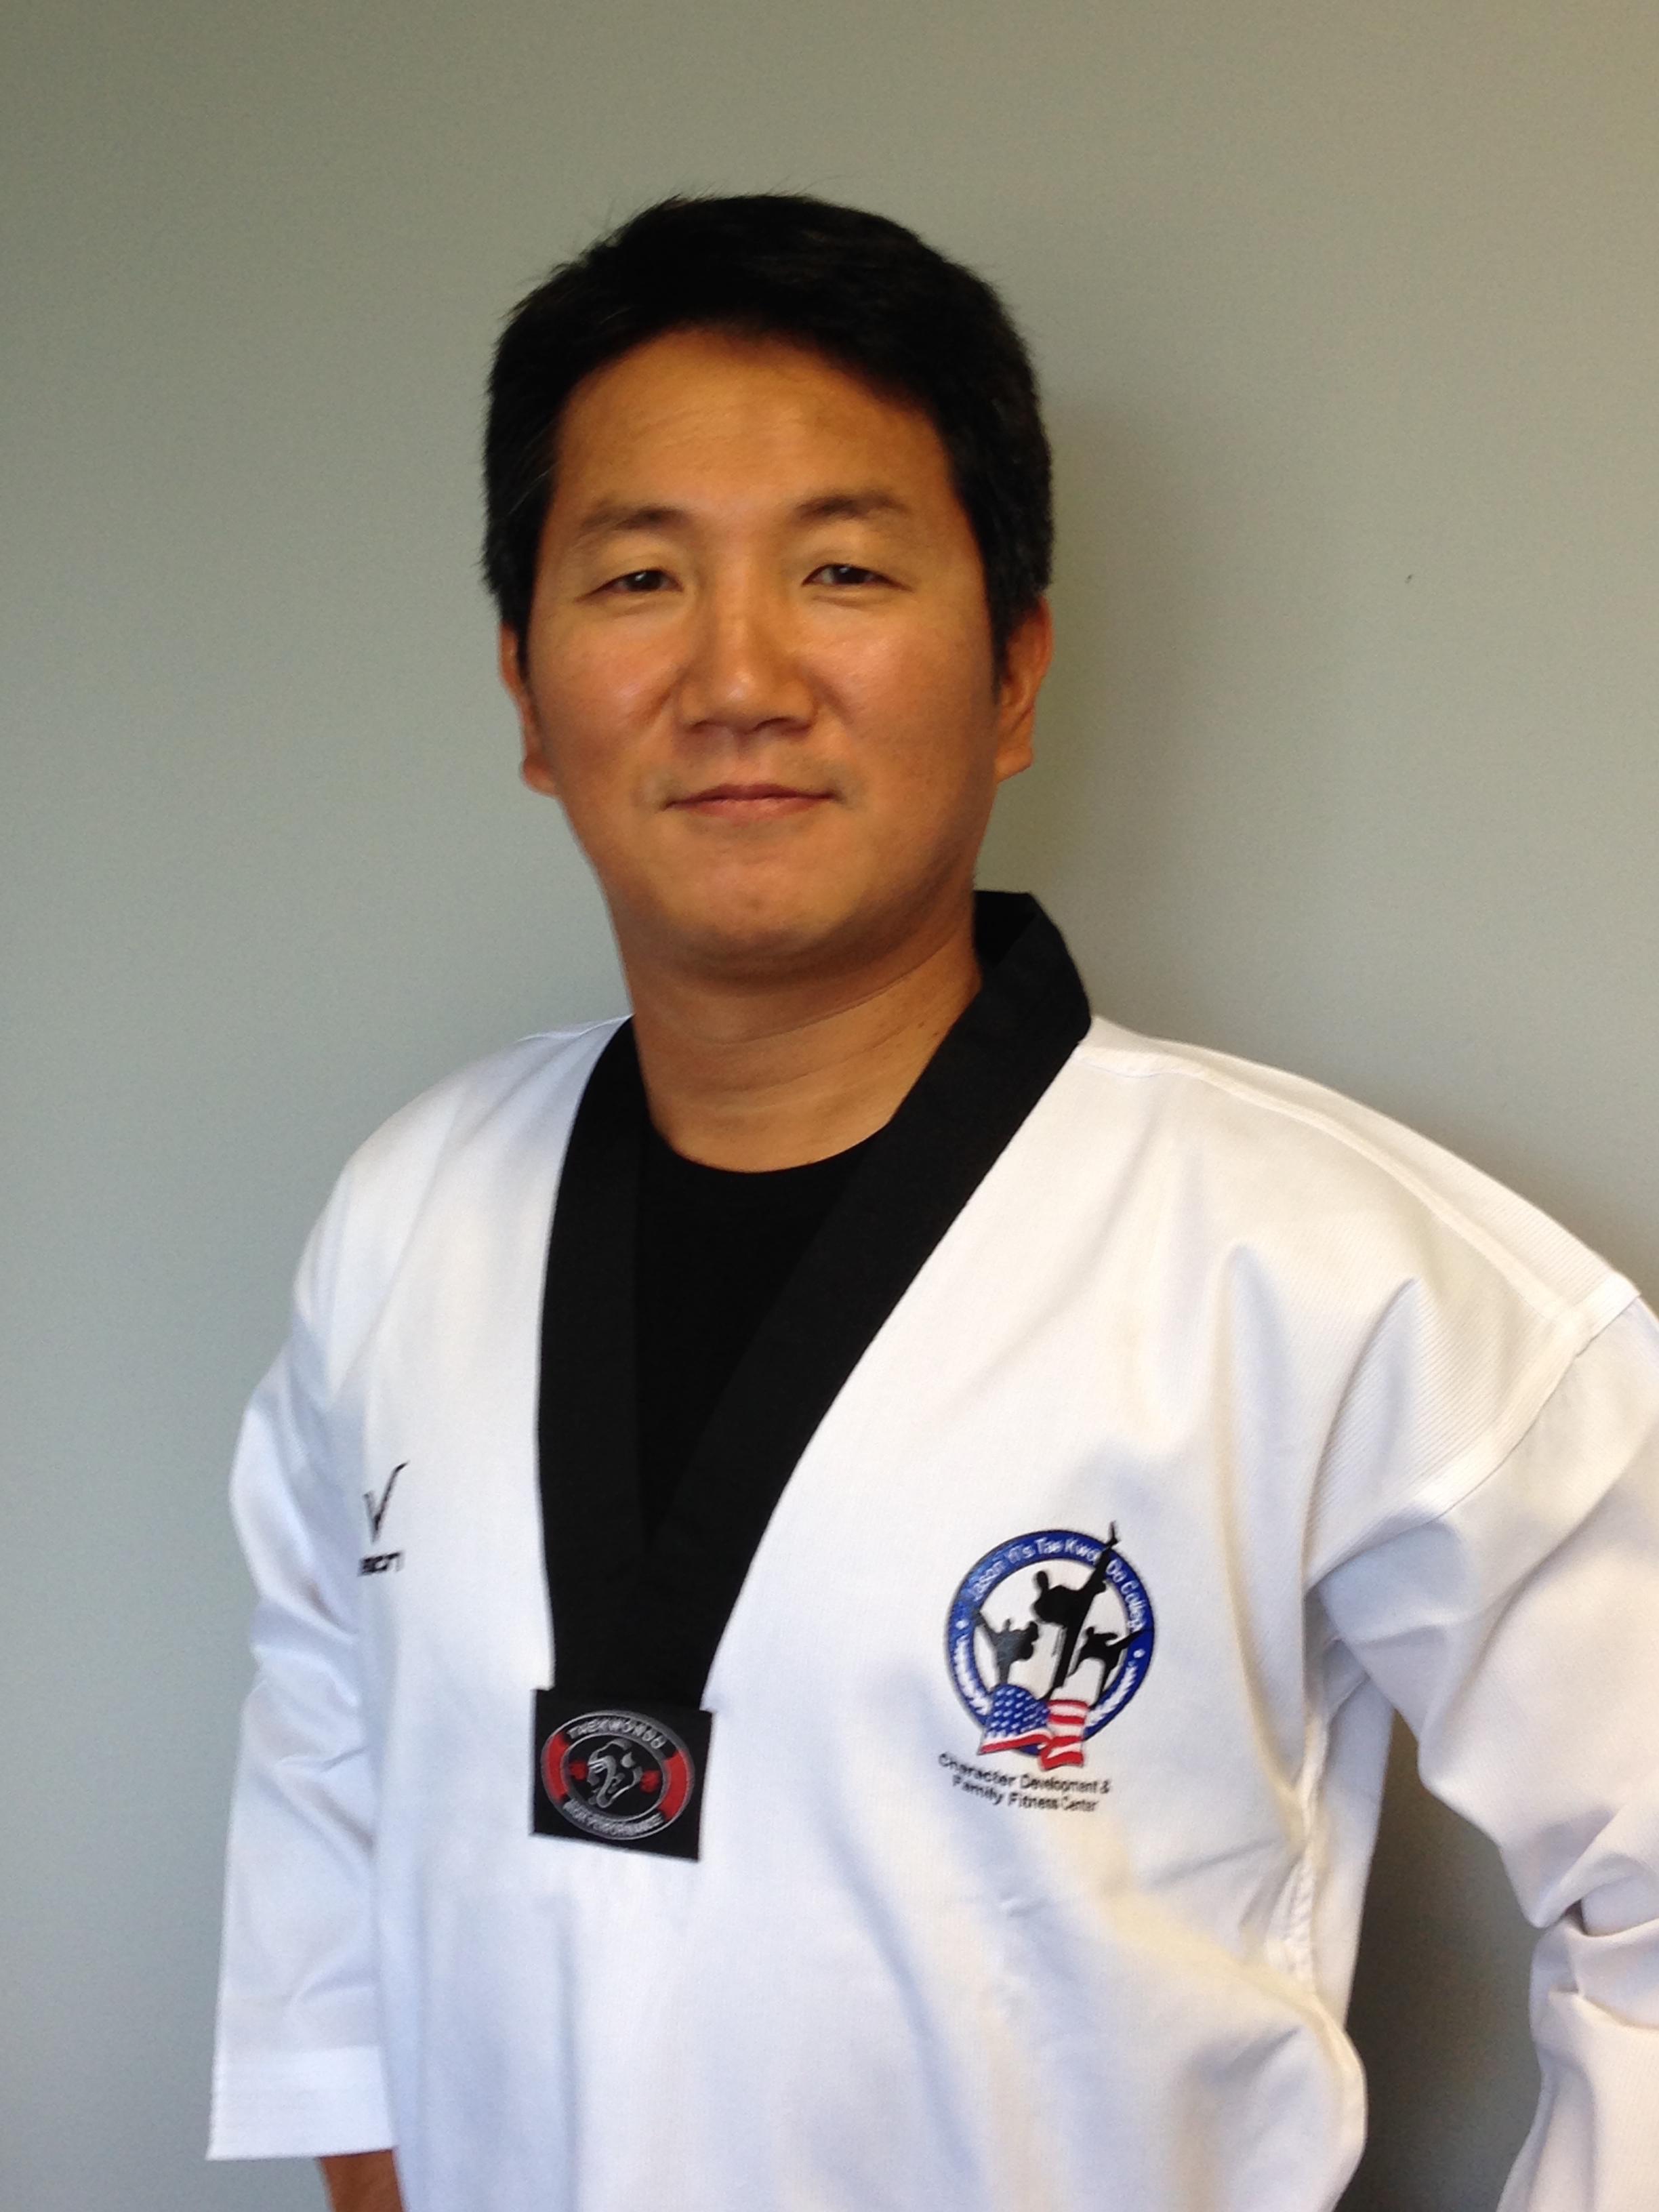 Jason Yi